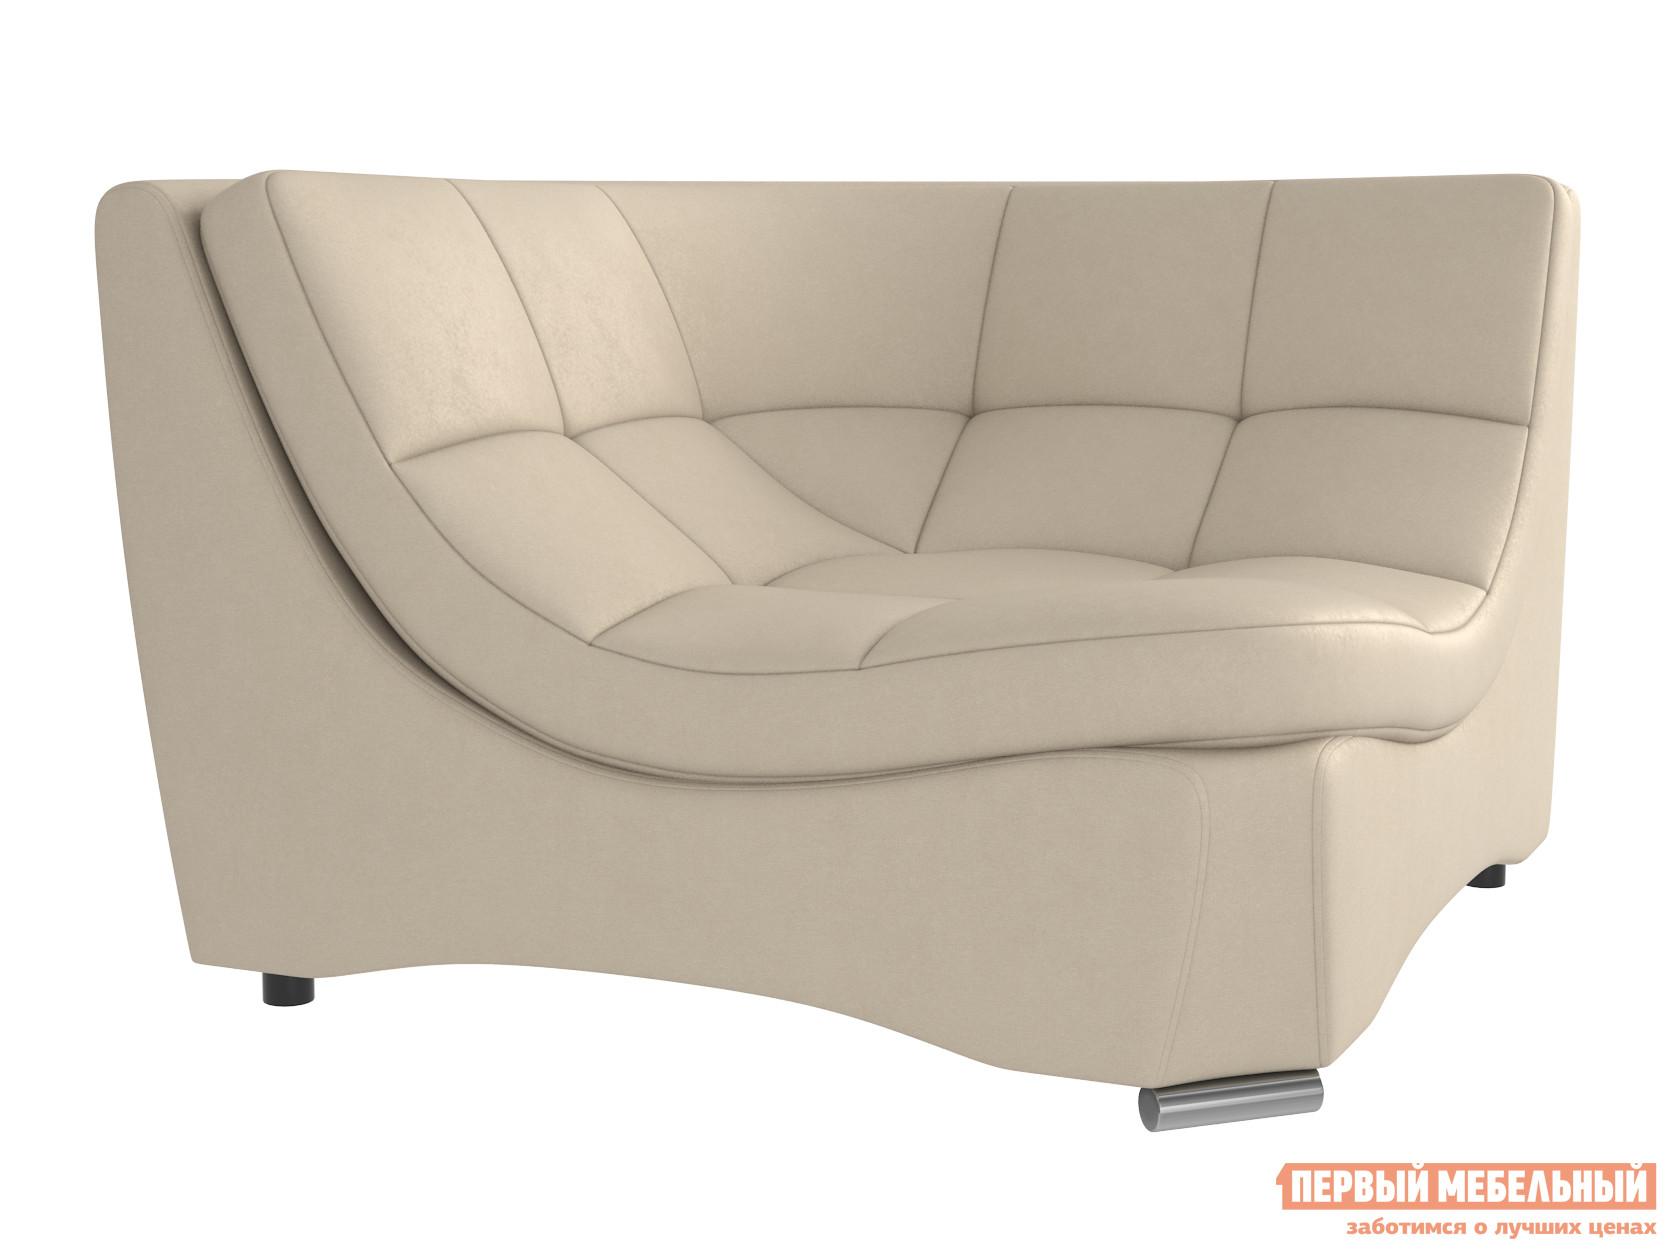 Угловой диван Первый Мебельный Угол Сан-Диего цена